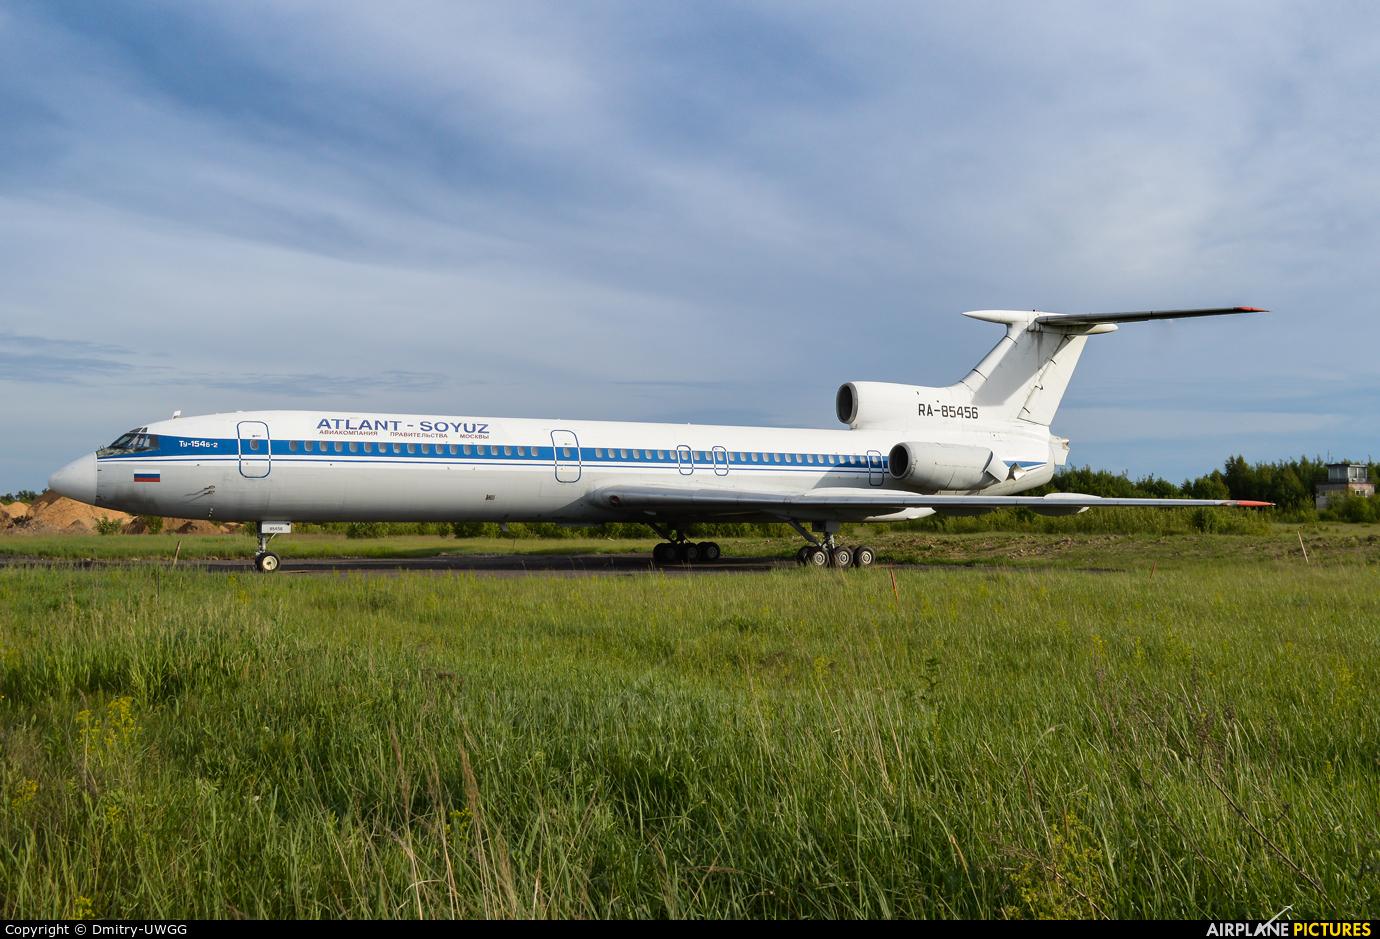 Atlant-Soyuz RA-85456 aircraft at Nizhniy Novgorod